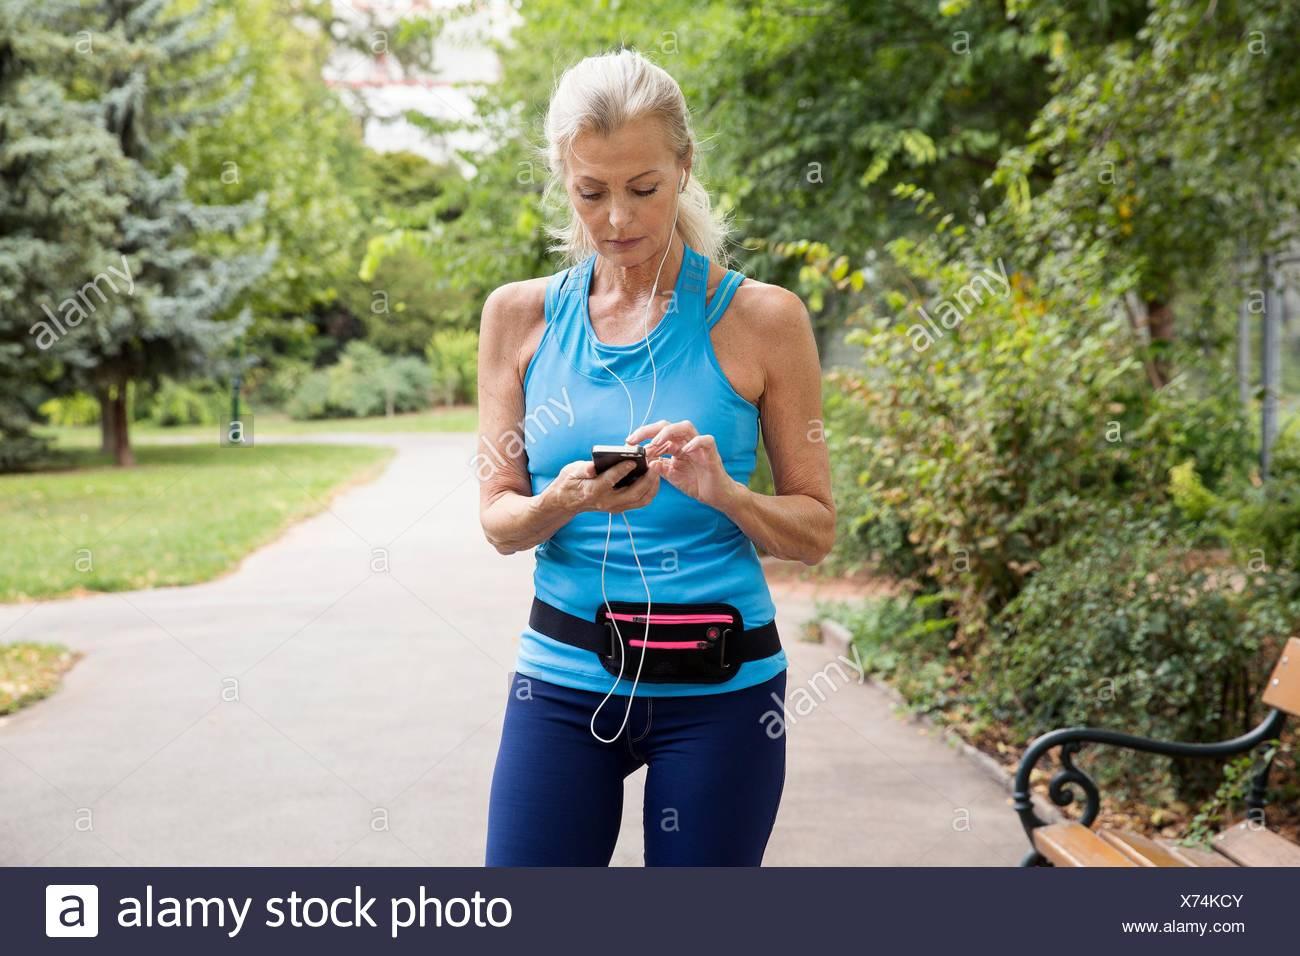 Mature Woman choisir une formation dans la musique tout en smartphone park Photo Stock